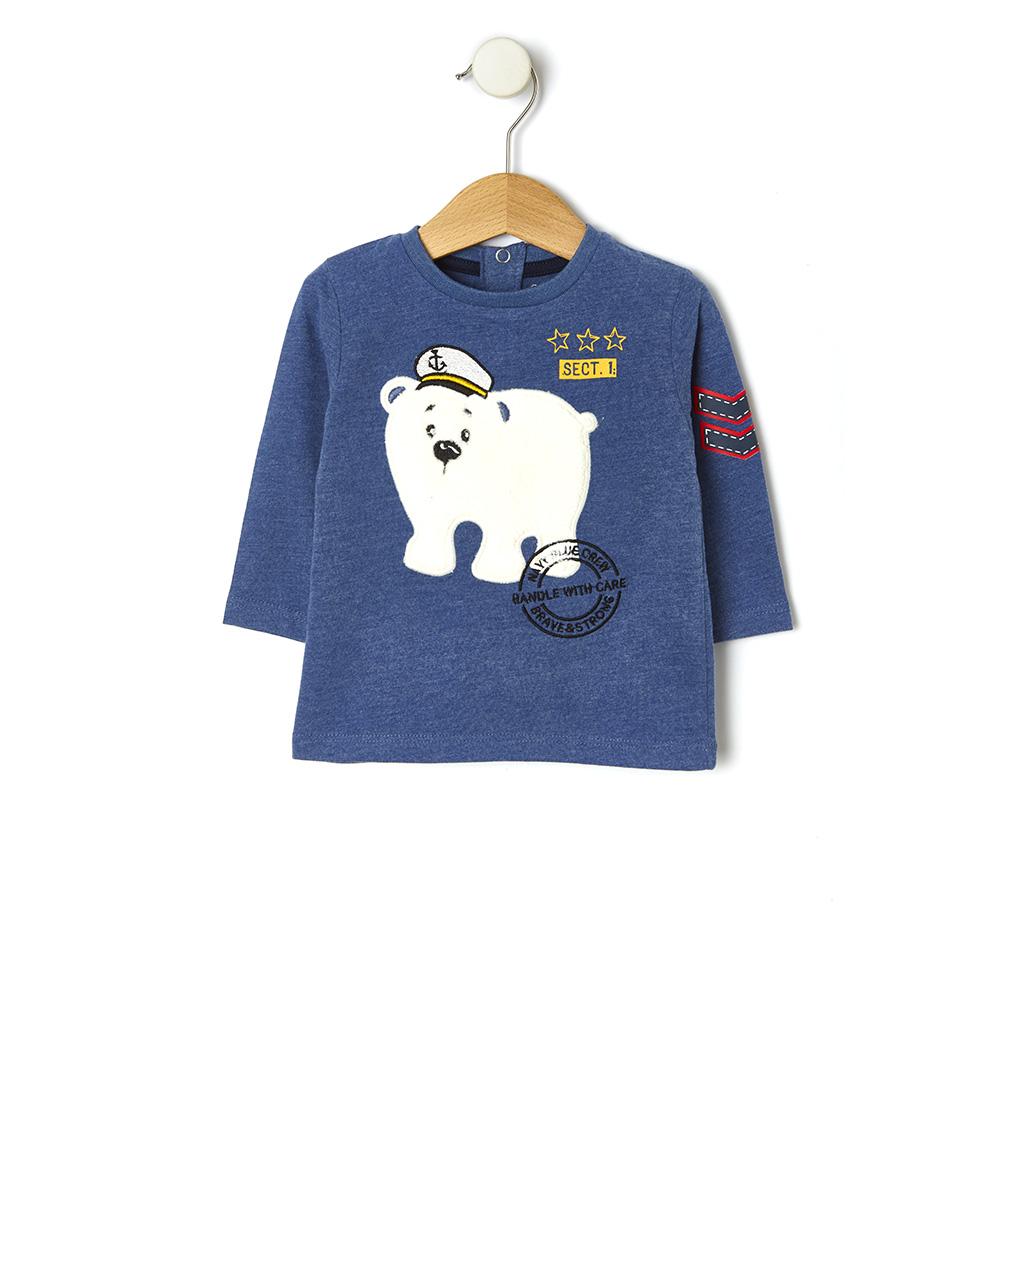 Μπλούζα Μακρυμάνικη Μπλε με Αρκούδα για Αγόρι